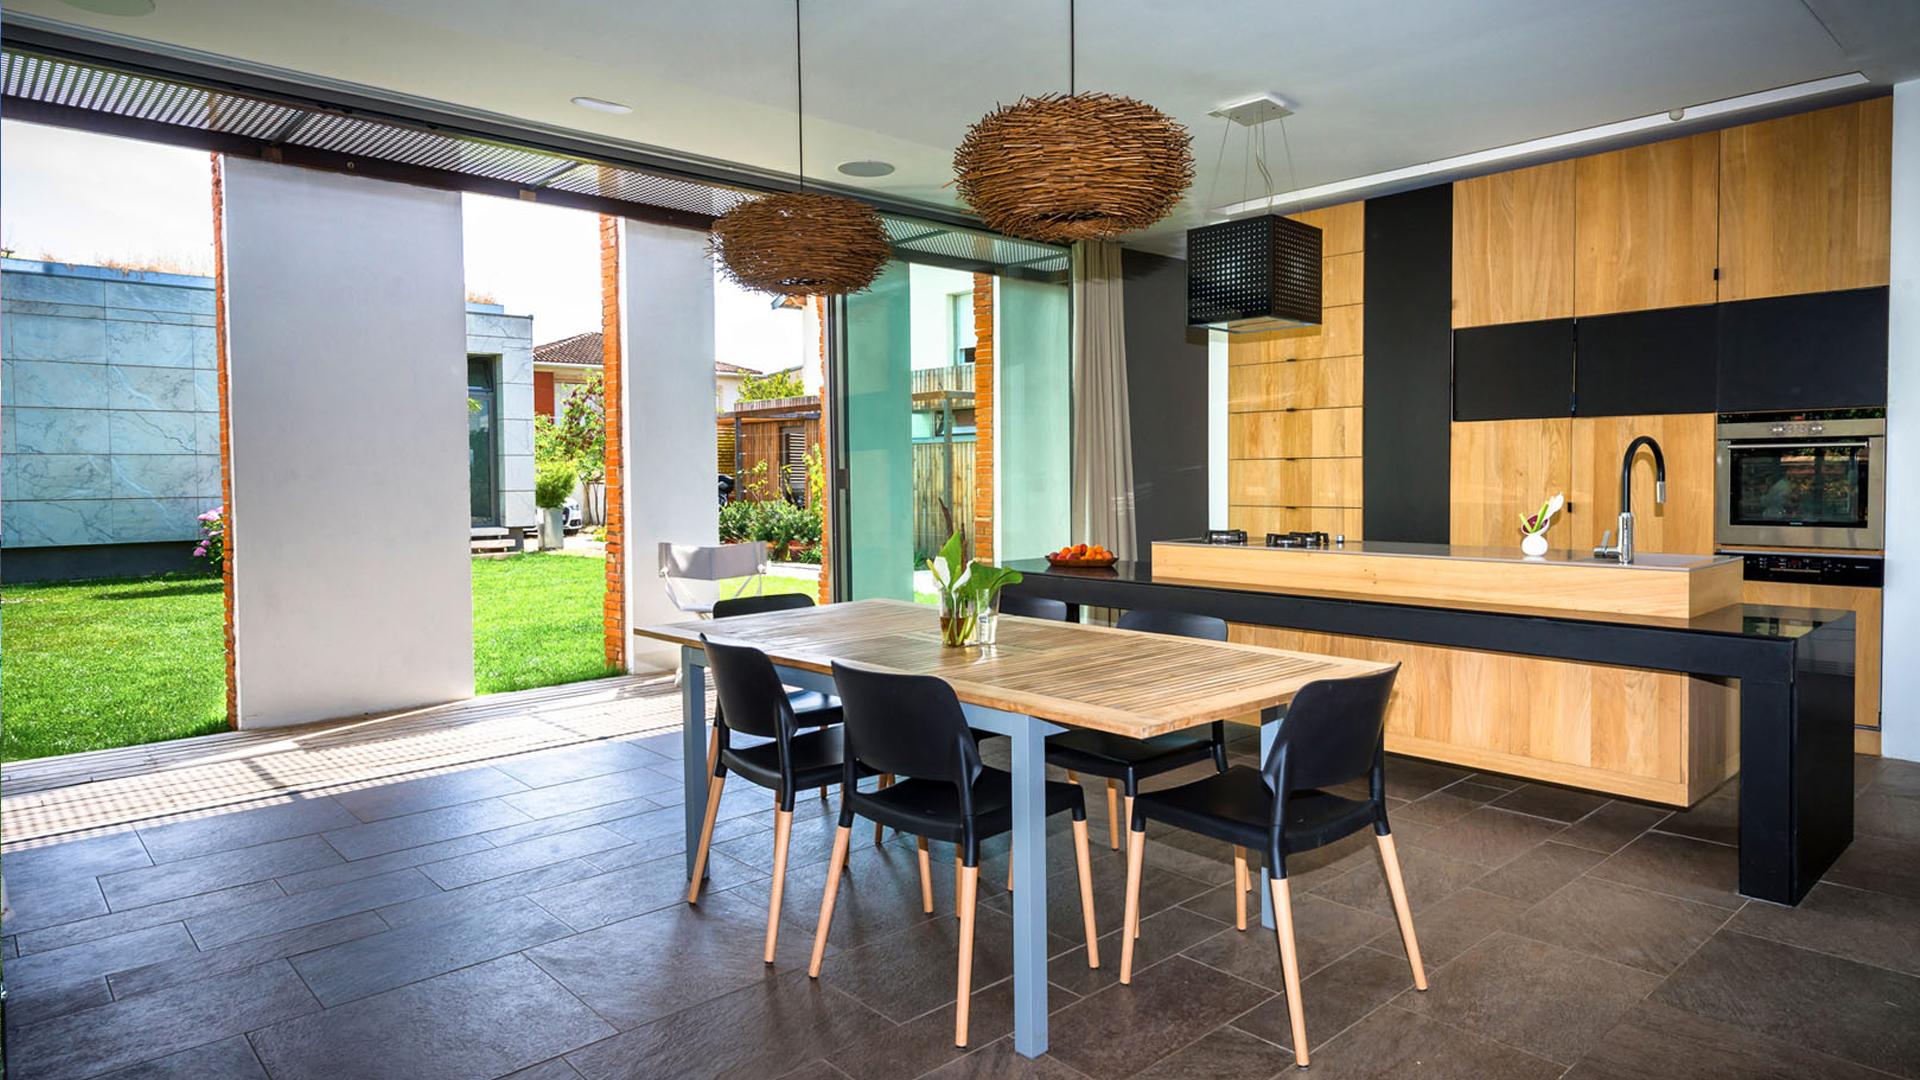 bureau et maison passive toulouse seuil architecture. Black Bedroom Furniture Sets. Home Design Ideas